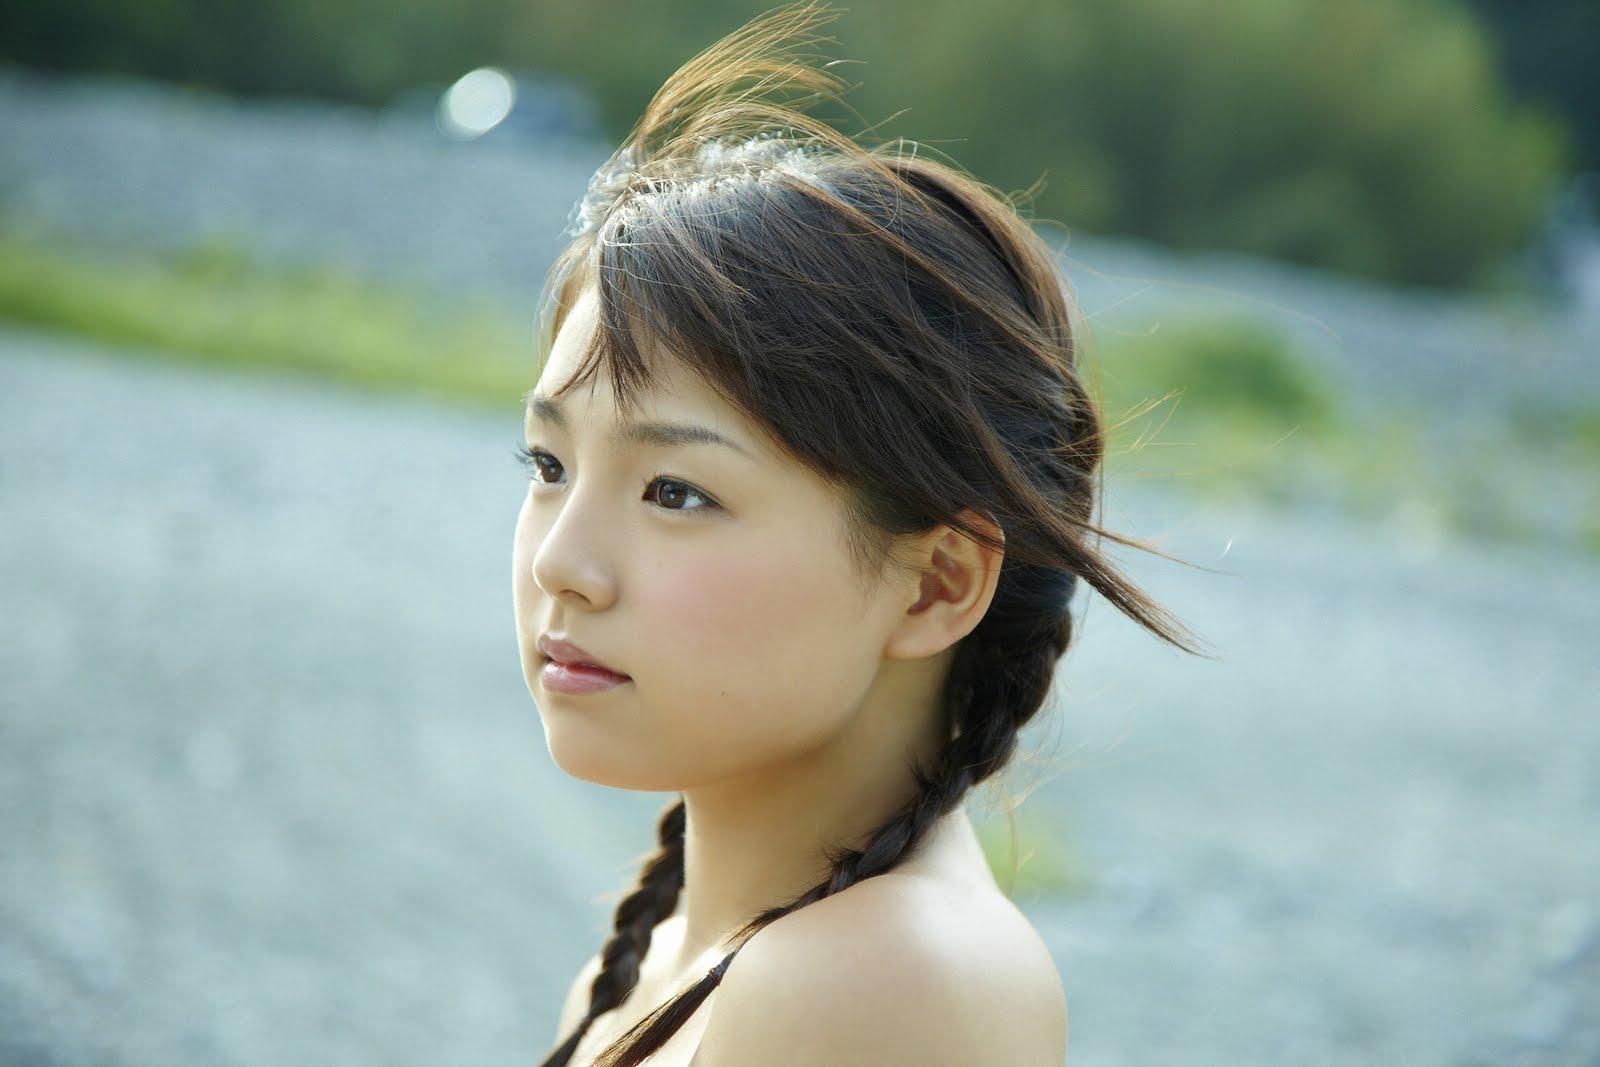 篠崎愛の画像 p1_36